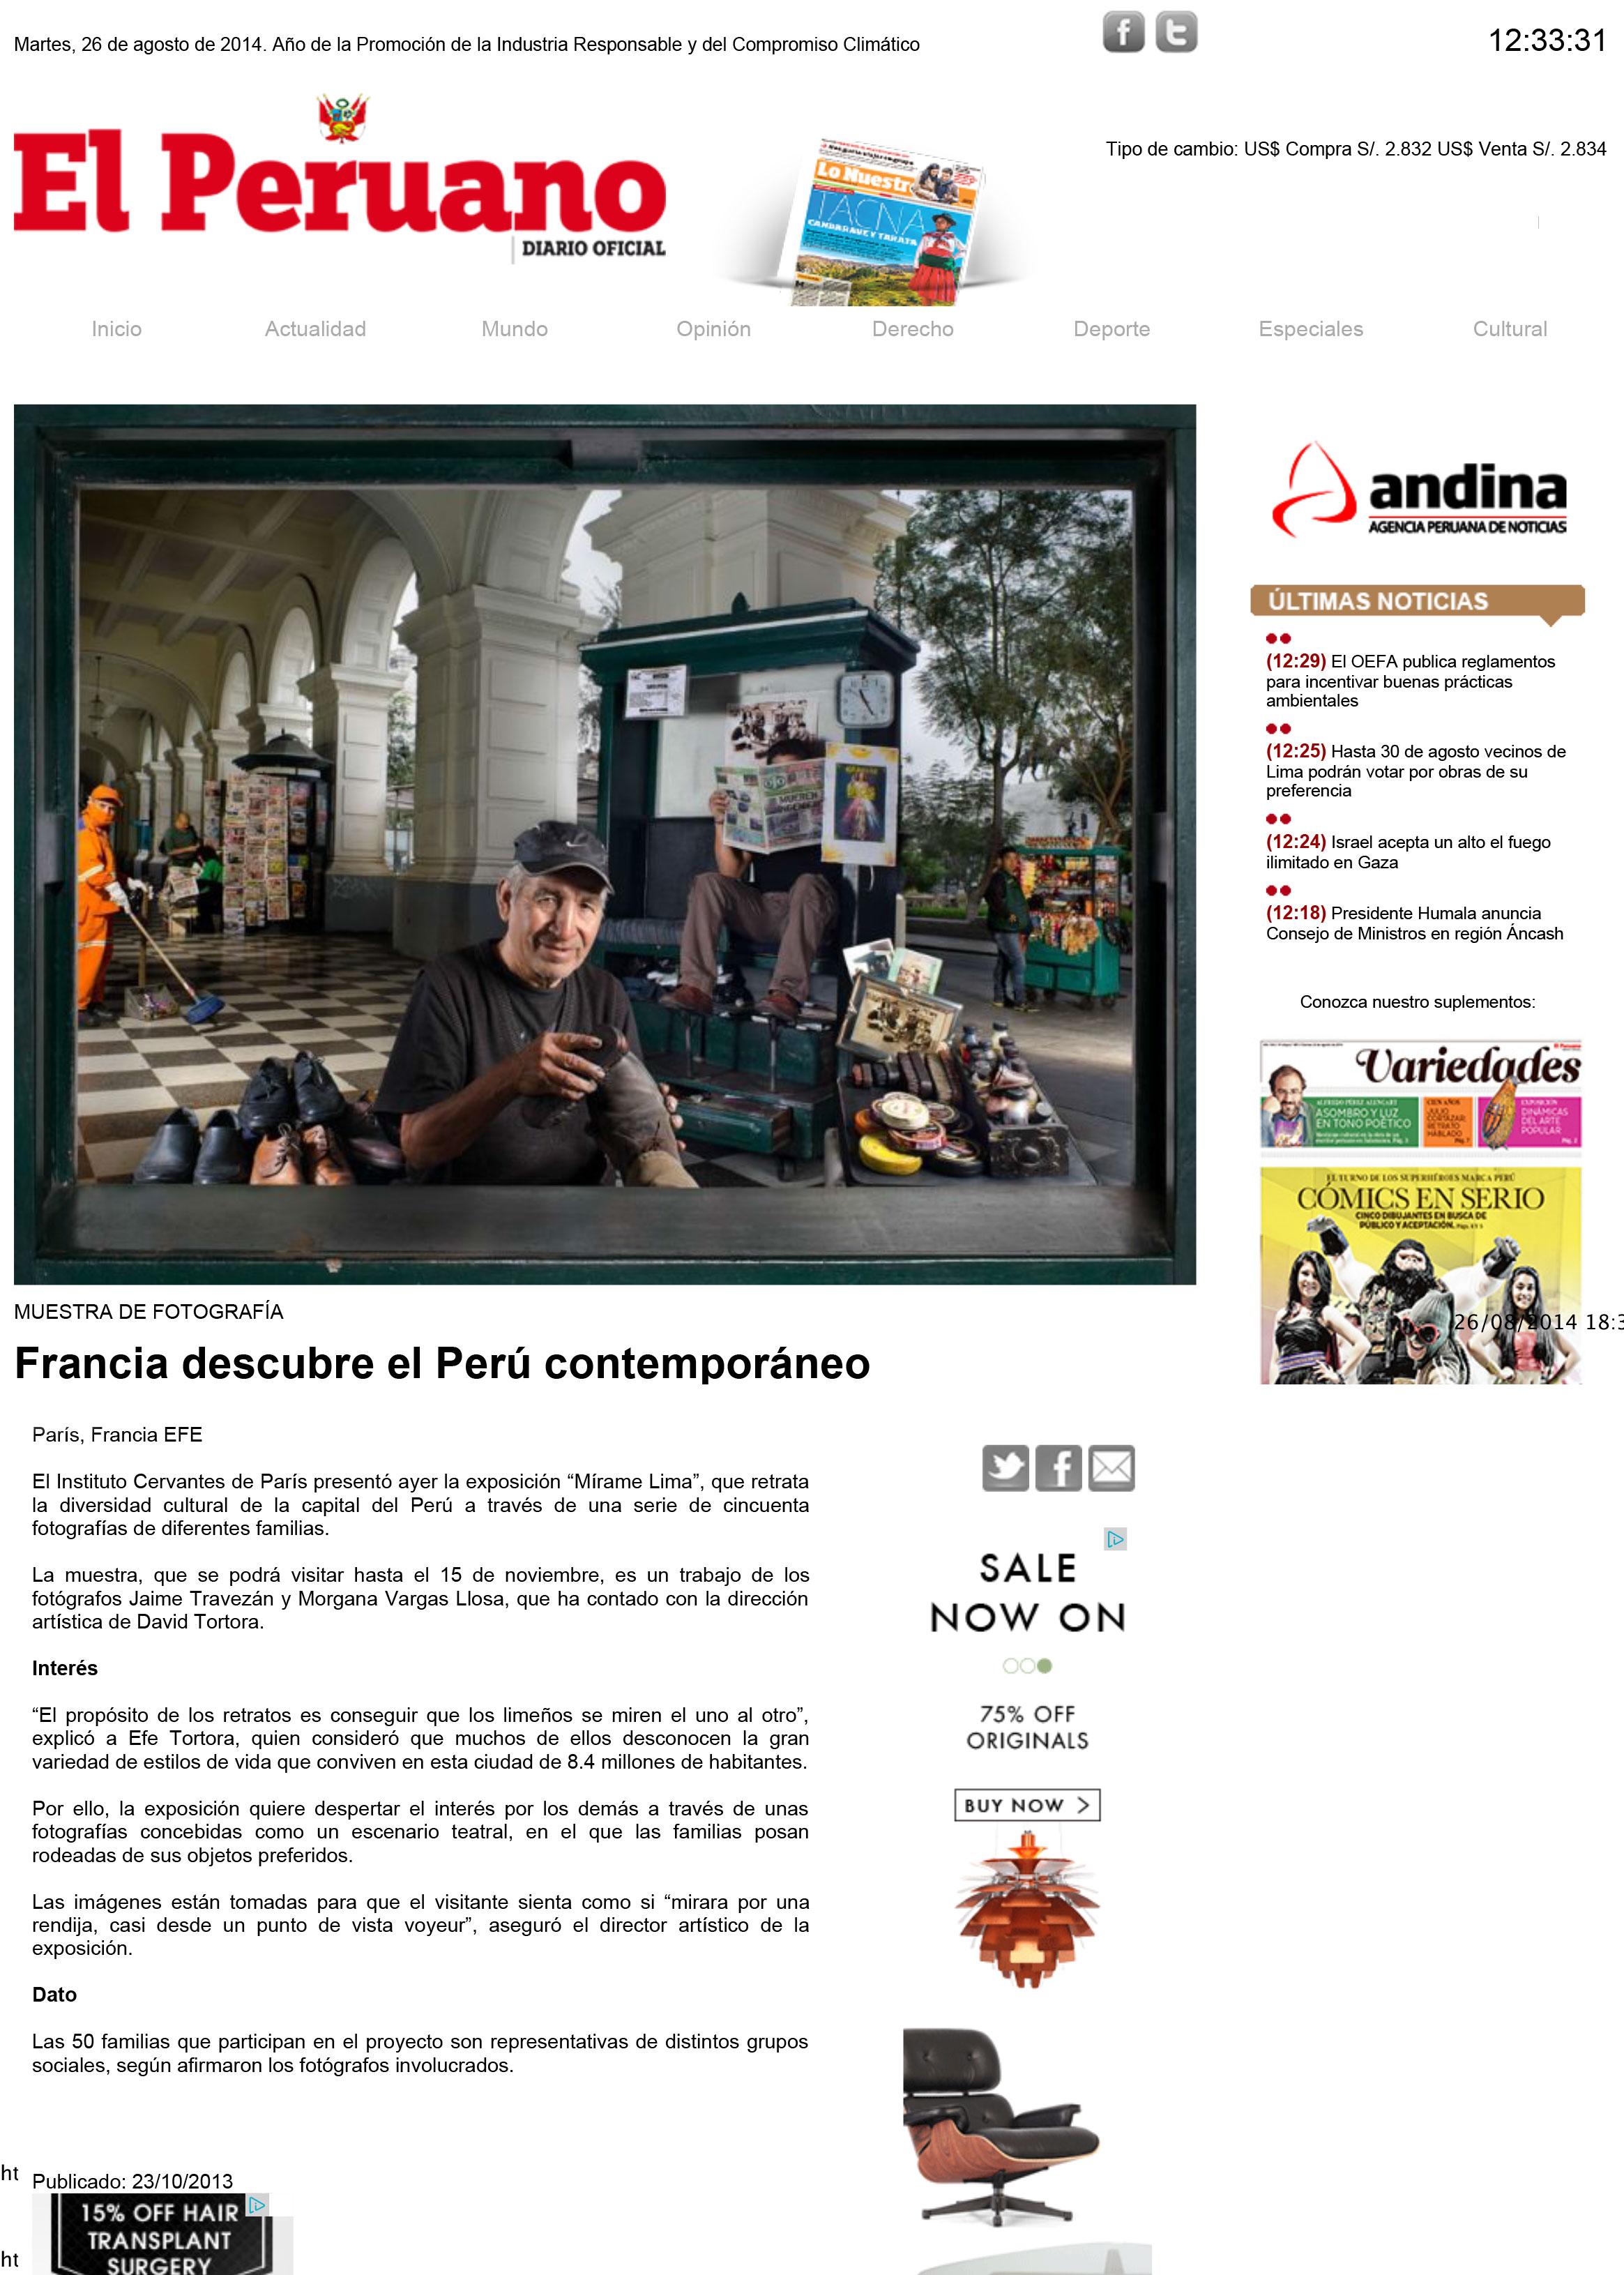 19_El Peruano, august 2014.jpg